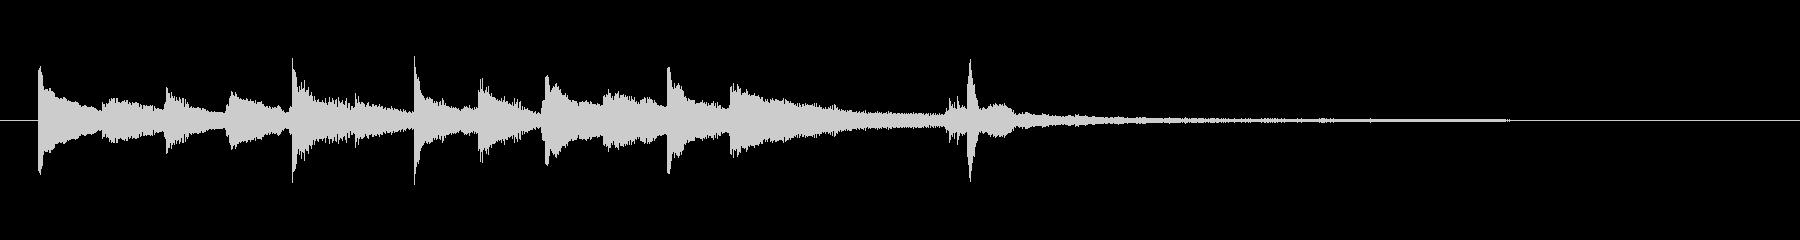 感動的・無垢なイメージのピアノジングルの未再生の波形